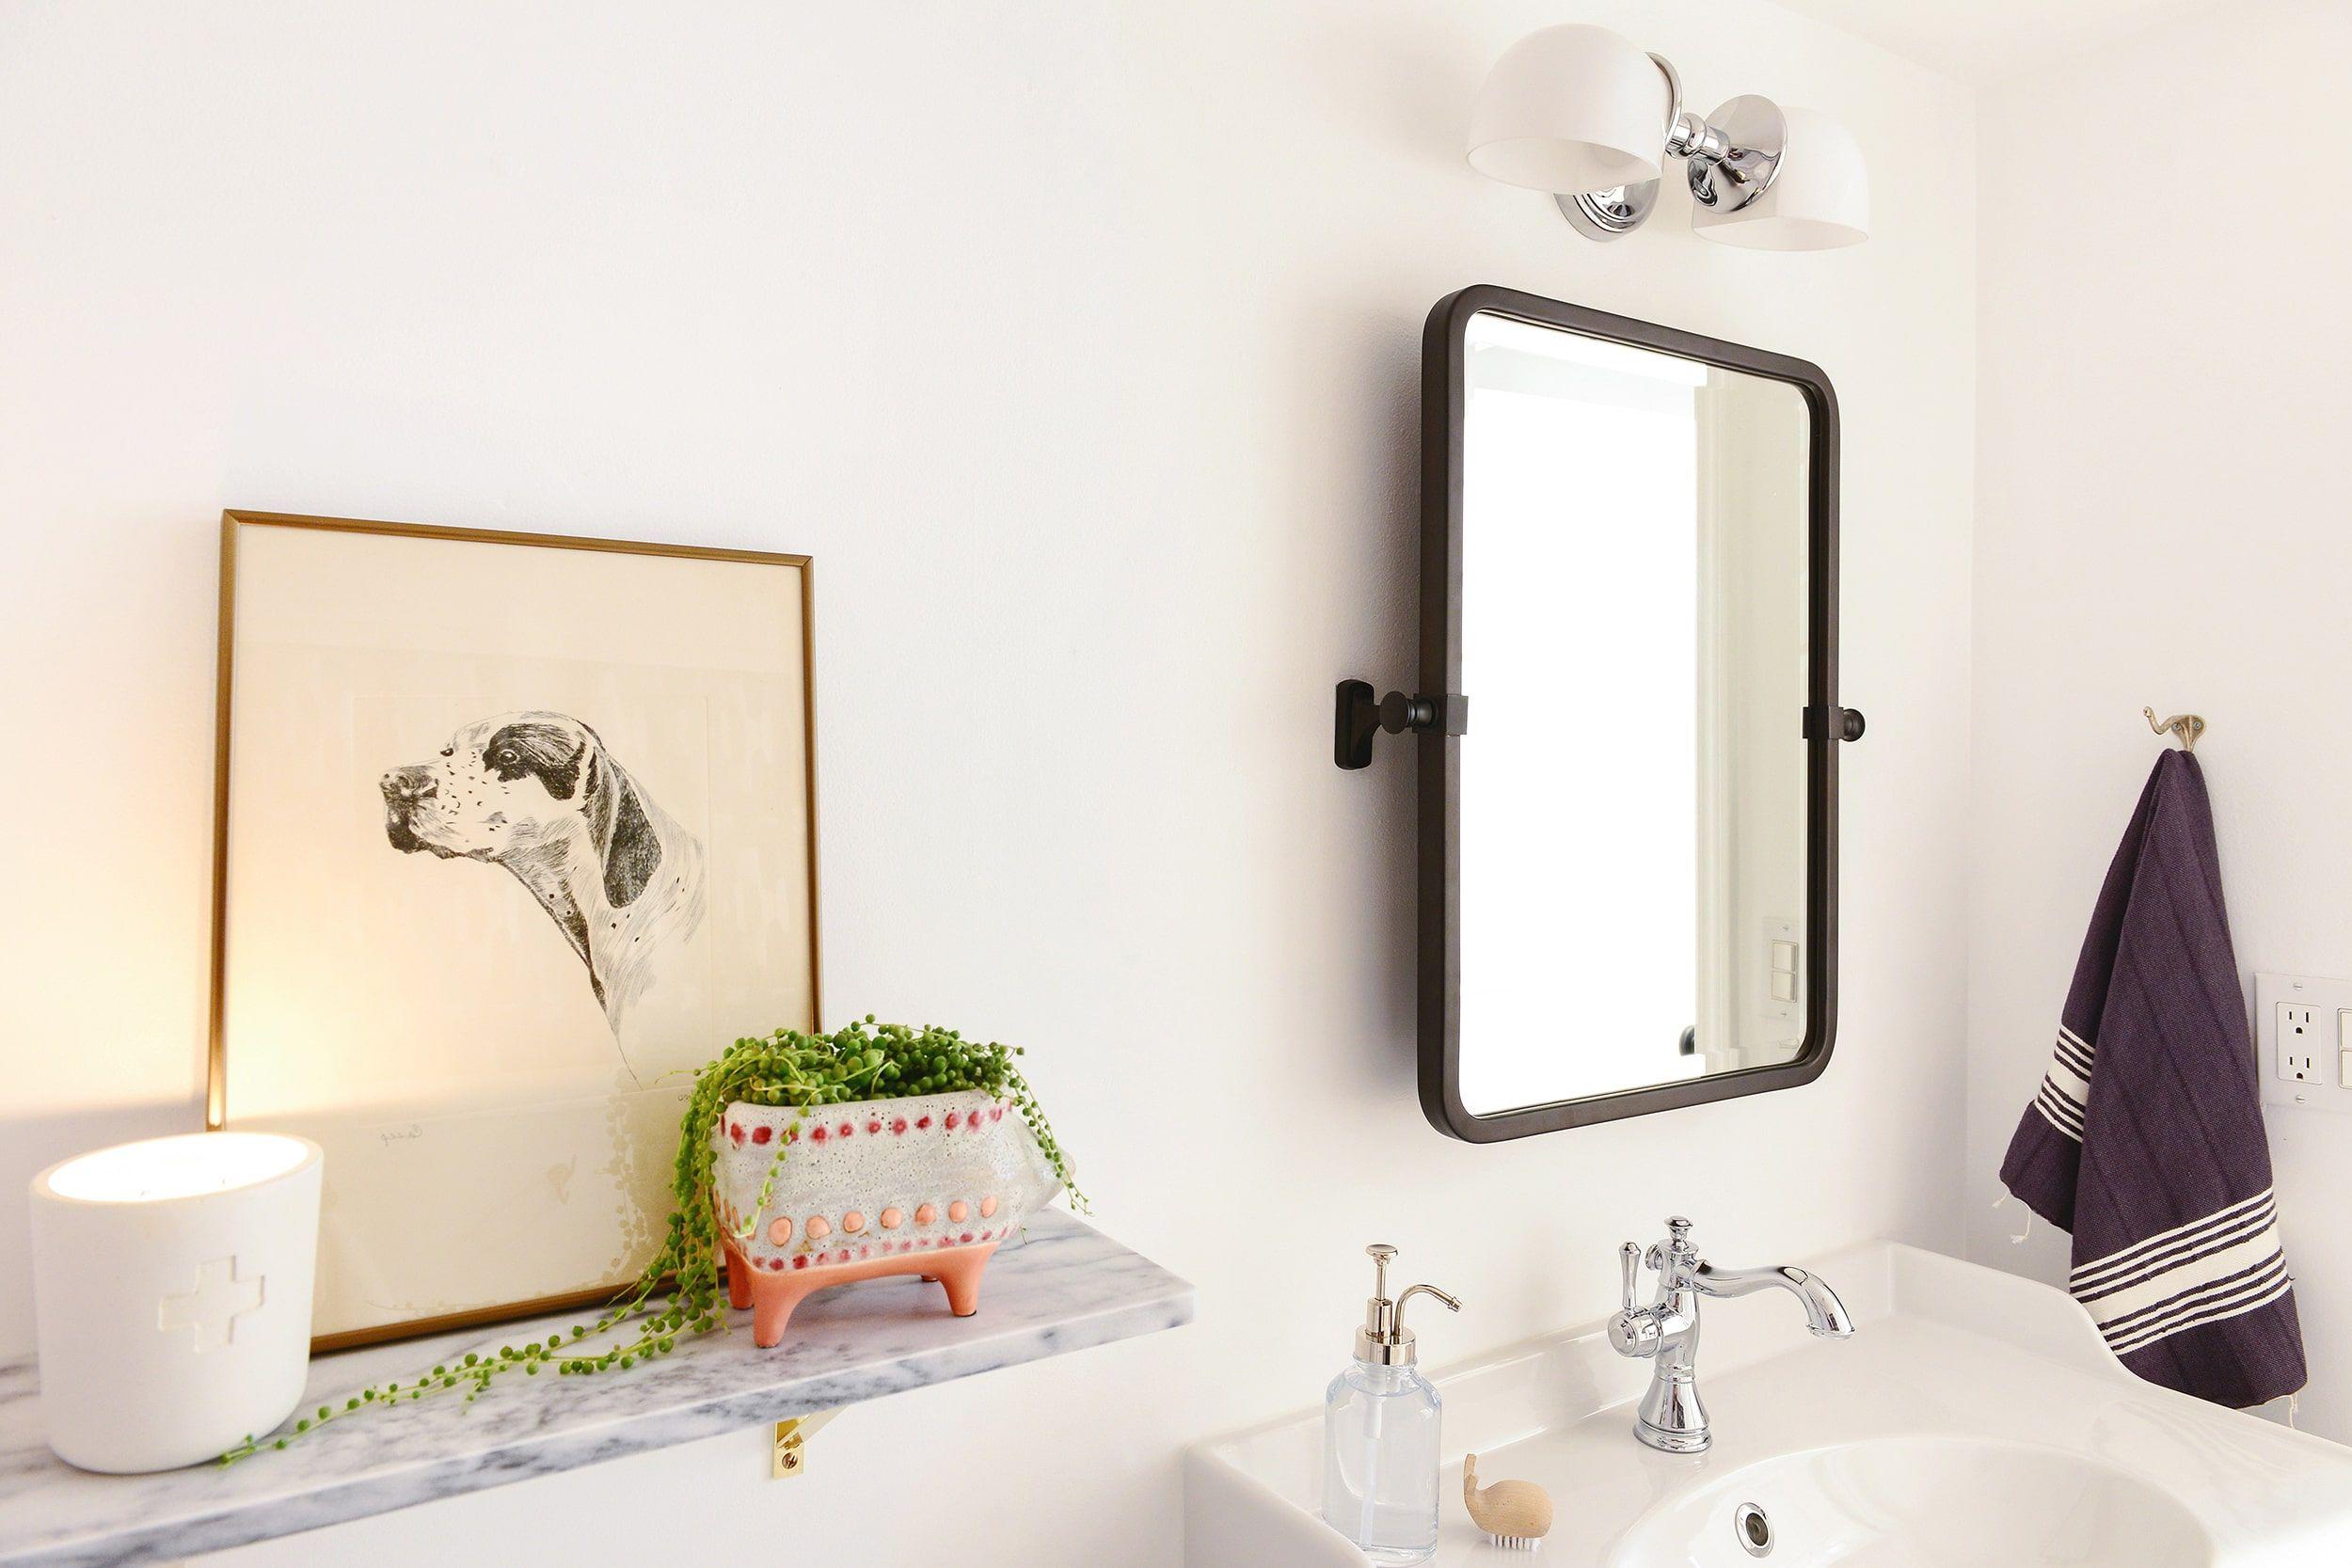 Do You Hang Art In Your Bathroom In 2020 Hanging Art Yellow Bathrooms Hanging